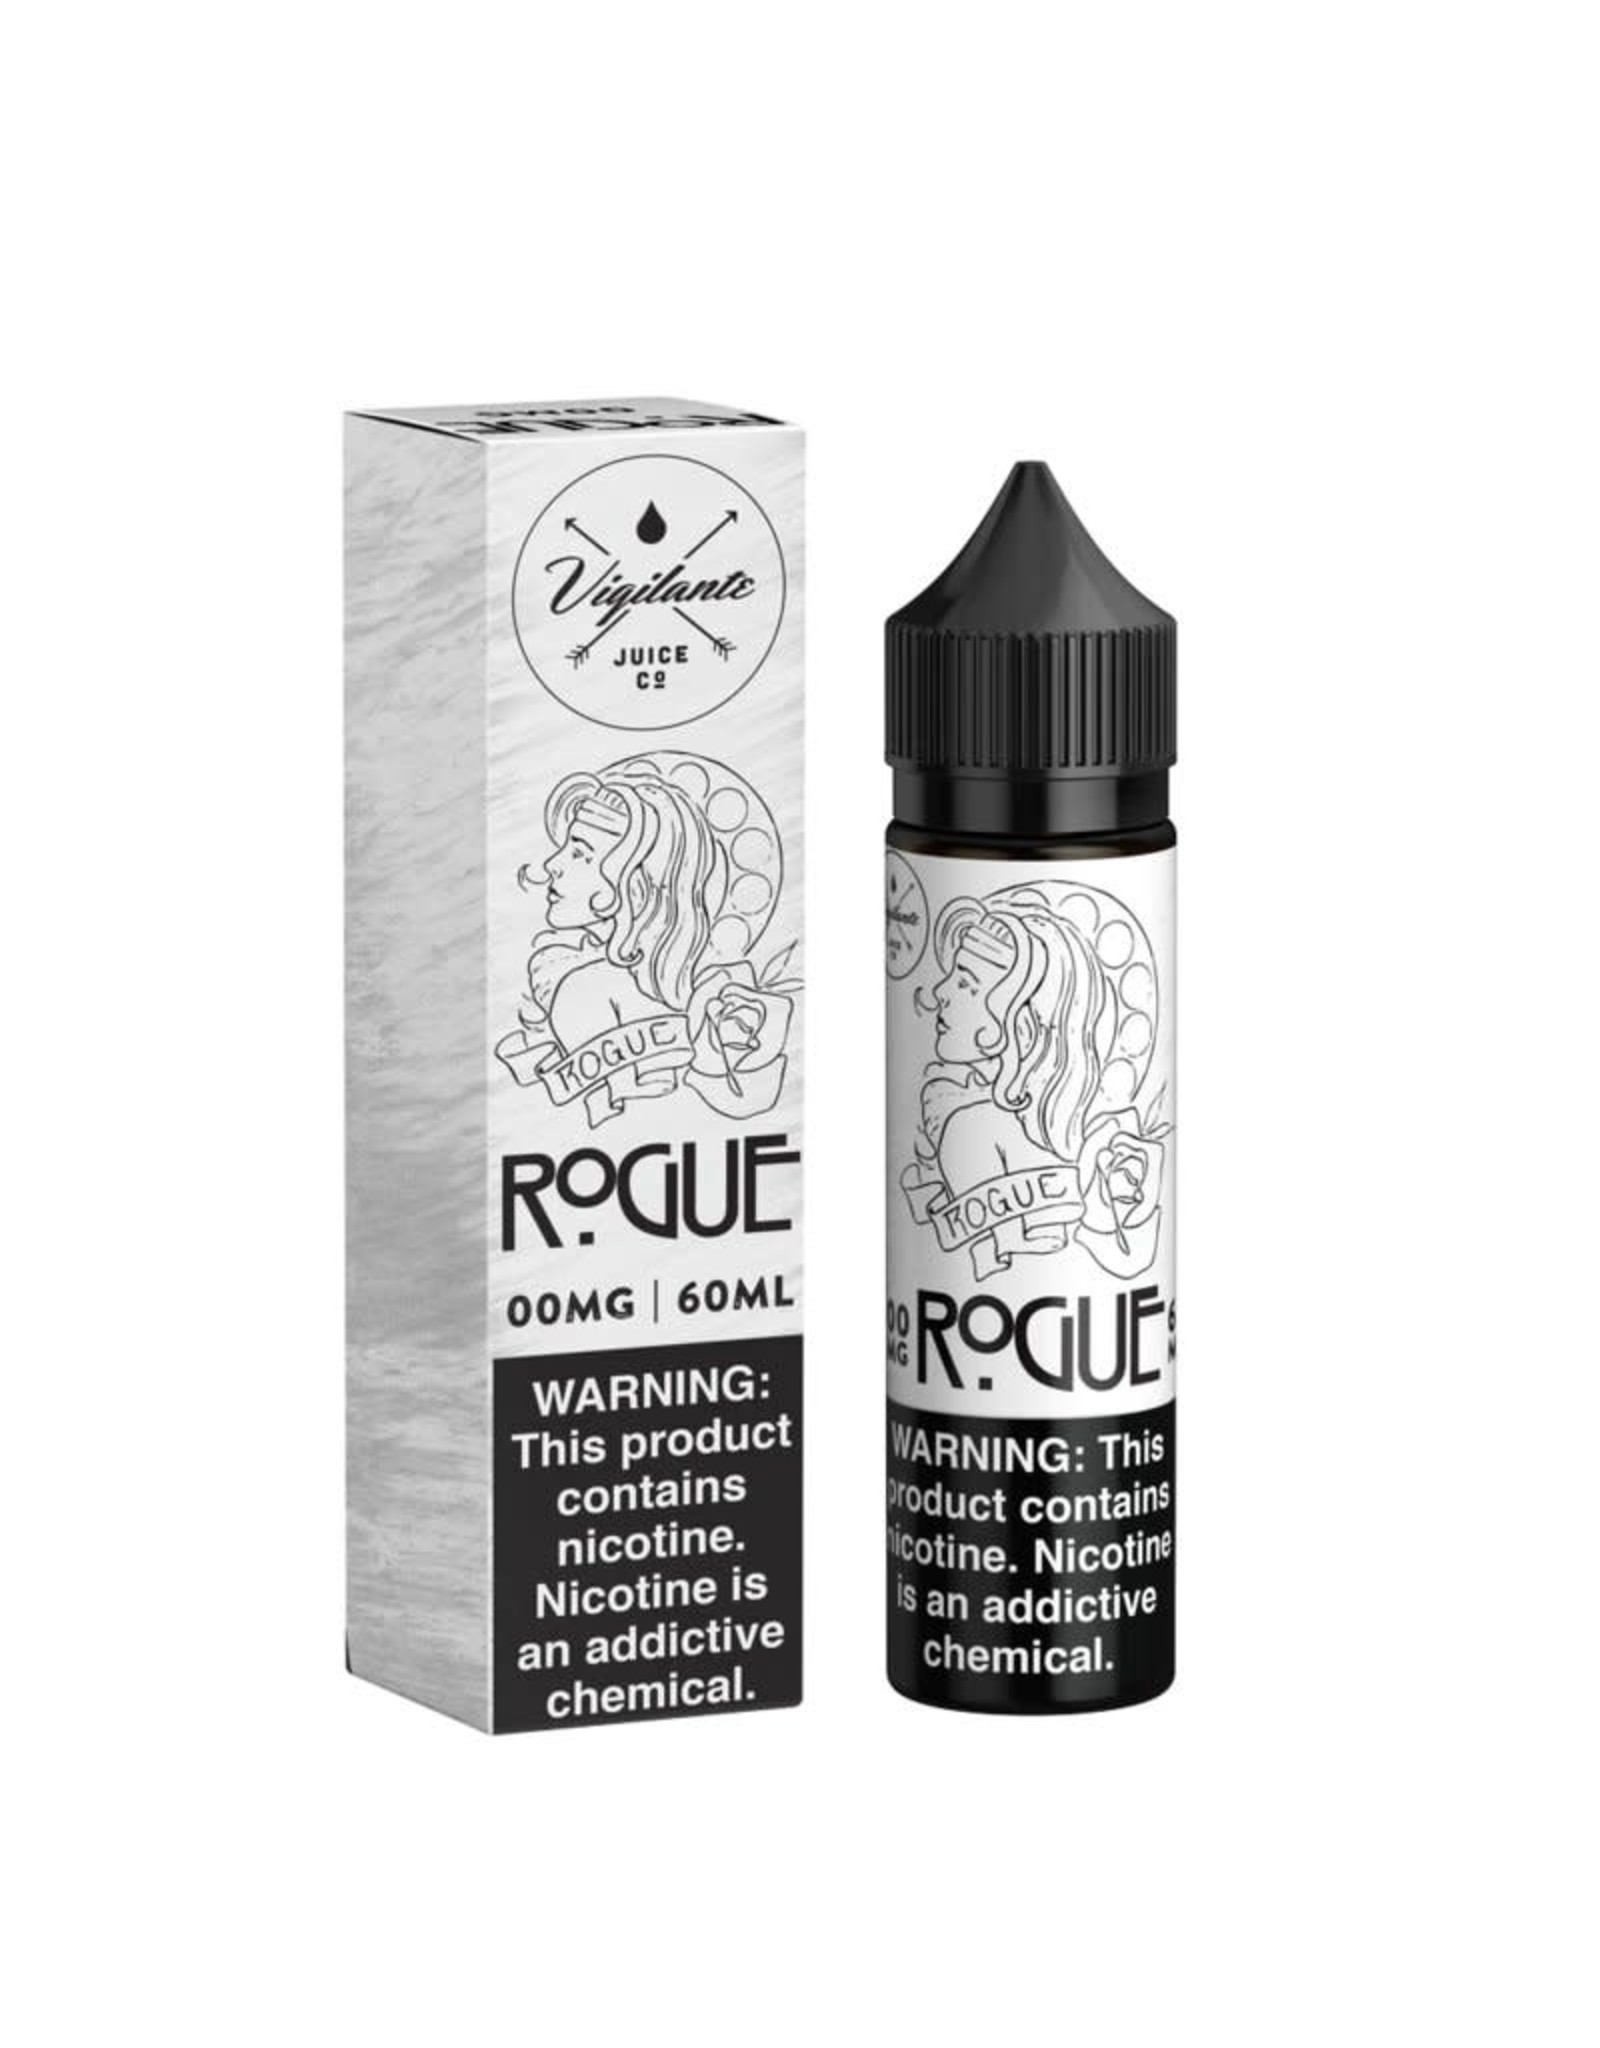 Vigilante Juice Co. Rogue by Vigilante Juice Co.